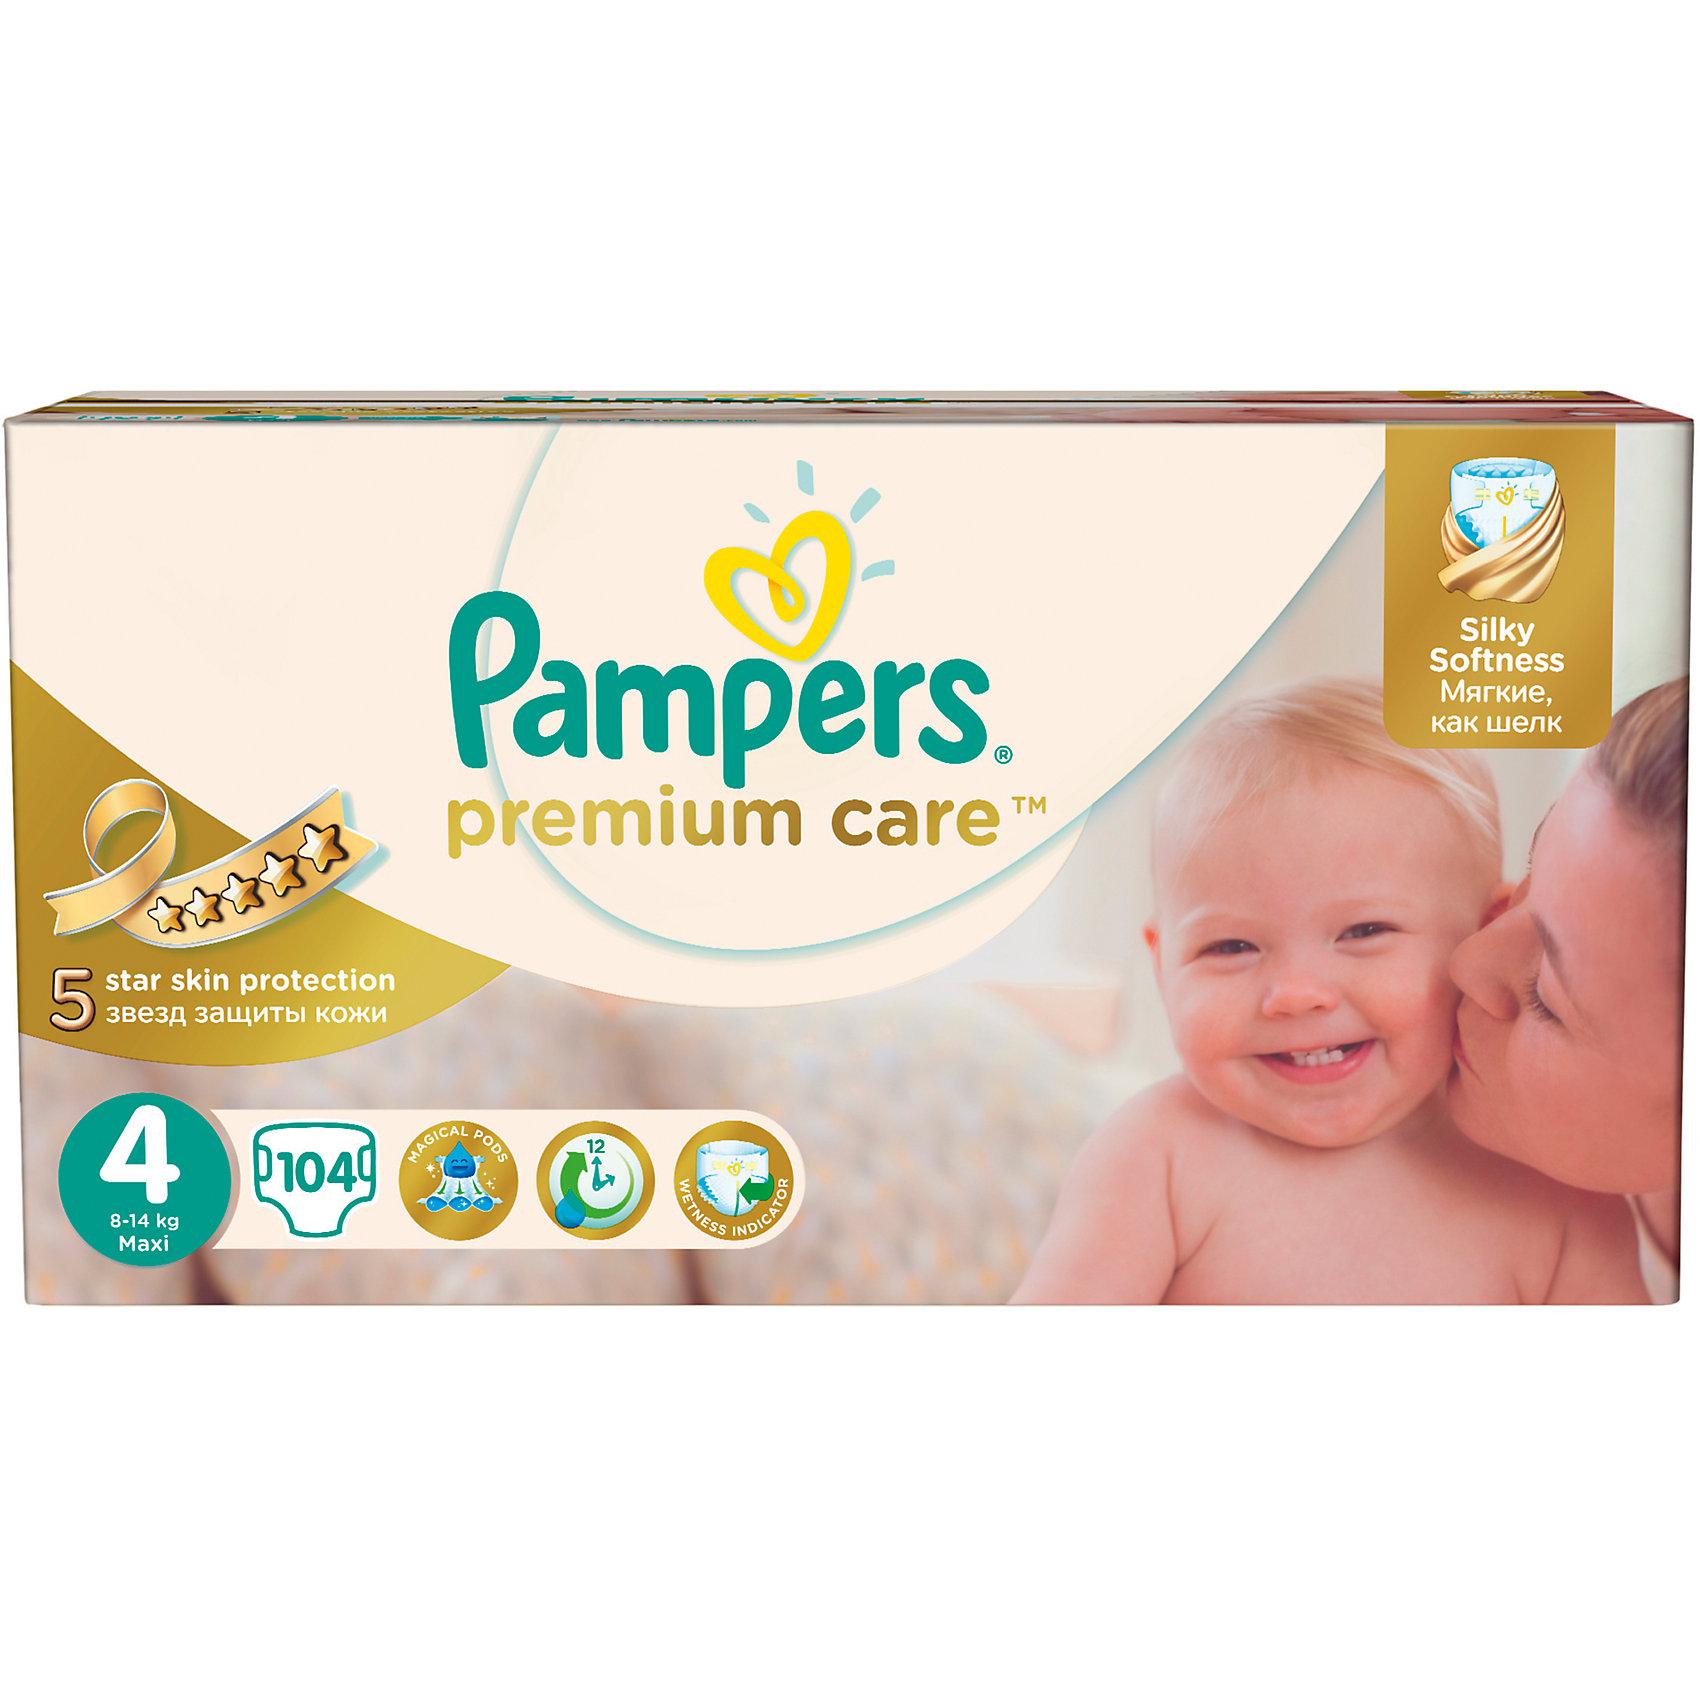 Подгузники Pampers Premium Care Maxi, 8-14 кг., 104 шт.Трусики-подгузники 5-12 кг.<br>Подгузники Pampers Premium Care Maxi (Памперс премиум кеа), 8-14 кг., 104 шт.<br><br>Характеристики:<br><br>• мягкие как шелк<br>• впитывающие каналы равномерно распределяют влагу<br>• удерживают влагу до 12 часов<br>• дышащие материалы обеспечивают правильную циркуляцию воздуха<br>• индикатор влаги подскажет, что нужно сменить подгузник<br>• эластичные боковинки защищают от протеканий<br>• состав бальзама: вазелин, стеариловый спирт, экстракт алоэ, жидкий вазелин/вазелиновое масло<br>• размер: 8-14 кг<br>• количество: 104 шт.<br>• размер упаковки: 20,2х11,5х16,4 см<br>• вес: 3267 грамм<br><br>Подгузники Pampers Premium Care подарят вашему малышу сухость и комфорт на всю ночь! Подгузники имеют три впитывающих канала, которые позволяют равномерно распределить влагу без образования комков. Специальный впитывающий слой быстро абсорбирует и удерживает влагу до 12 часов, позволяя избежать соприкосновения с кожей. Эластичные боковинки подгузников помогут предотвратить натирание на коже. Внешний слой позволяет коже ребёнка дышать всю ночь, обеспечивая правильную микроциркуляцию кожи. Подгузники имеют индикатор влаги, который напомнит вам о необходимости смены подгузника. Pampers Premium Care мягкие словно шёлк. В них кроха всегда будет готов к новым открытиям!<br><br>Подгузники Pampers Premium Care Maxi (Памперс премиум кеа), 8-14 кг., 104 шт. можно купить в нашем интернет-магазине.<br><br>Ширина мм: 164<br>Глубина мм: 115<br>Высота мм: 202<br>Вес г: 3267<br>Возраст от месяцев: 6<br>Возраст до месяцев: 36<br>Пол: Унисекс<br>Возраст: Детский<br>SKU: 5422940